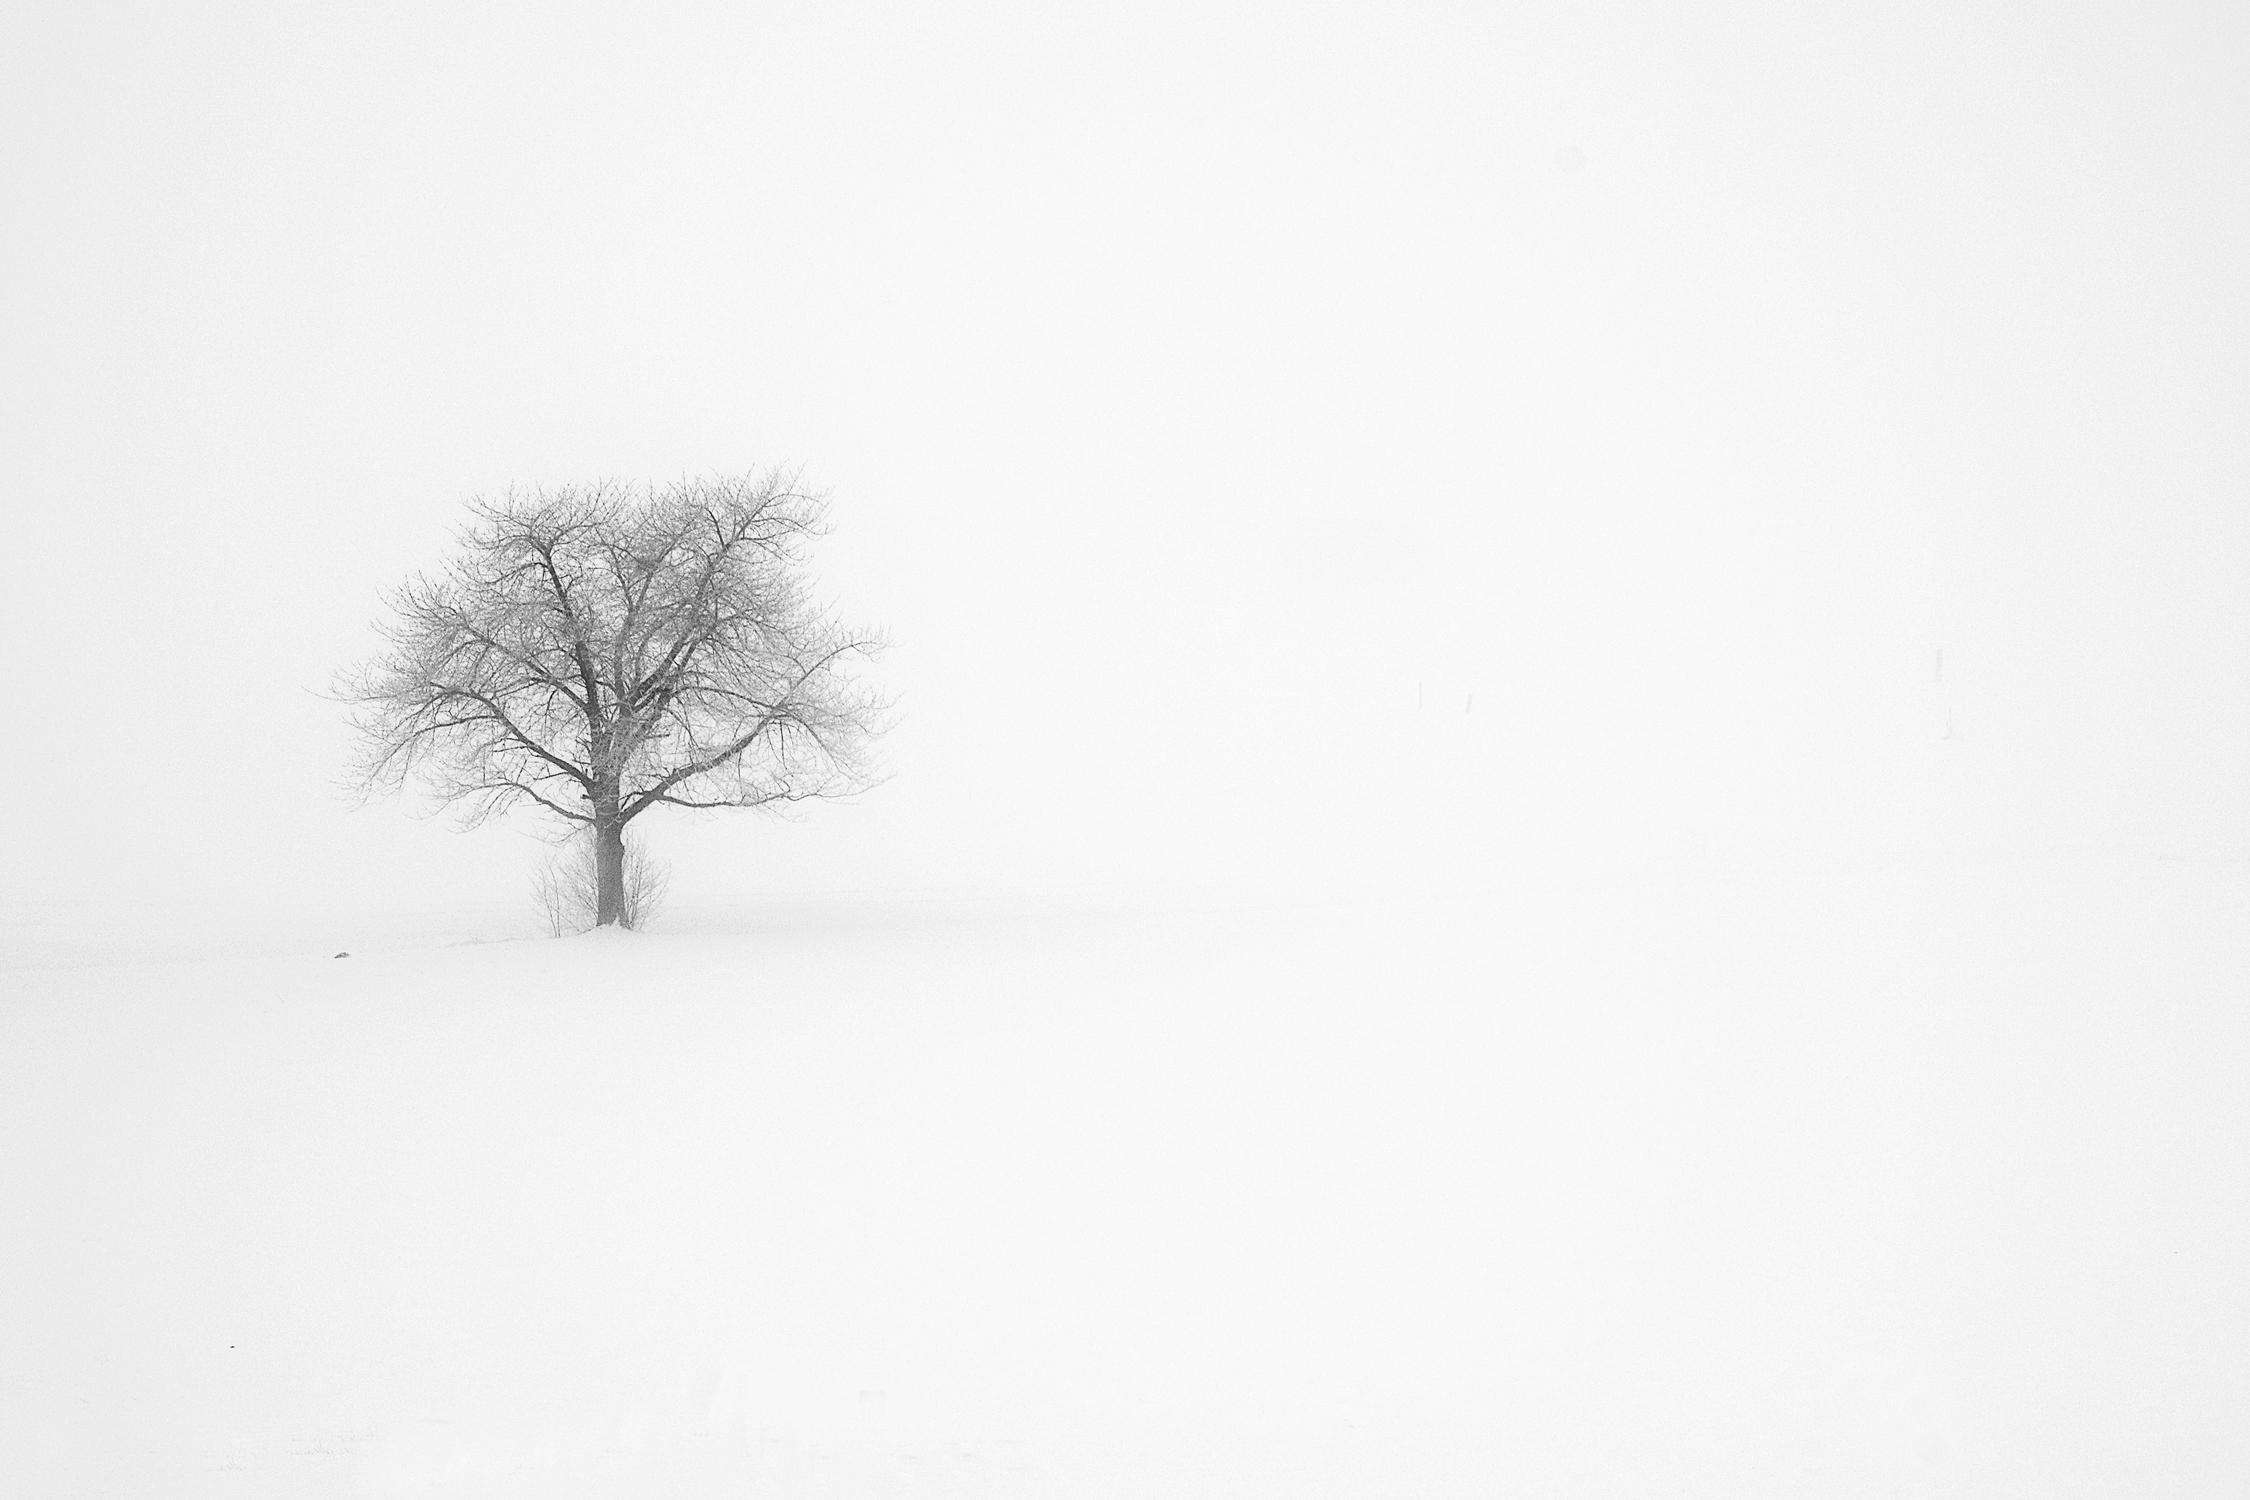 Serie las formas del invierno IX